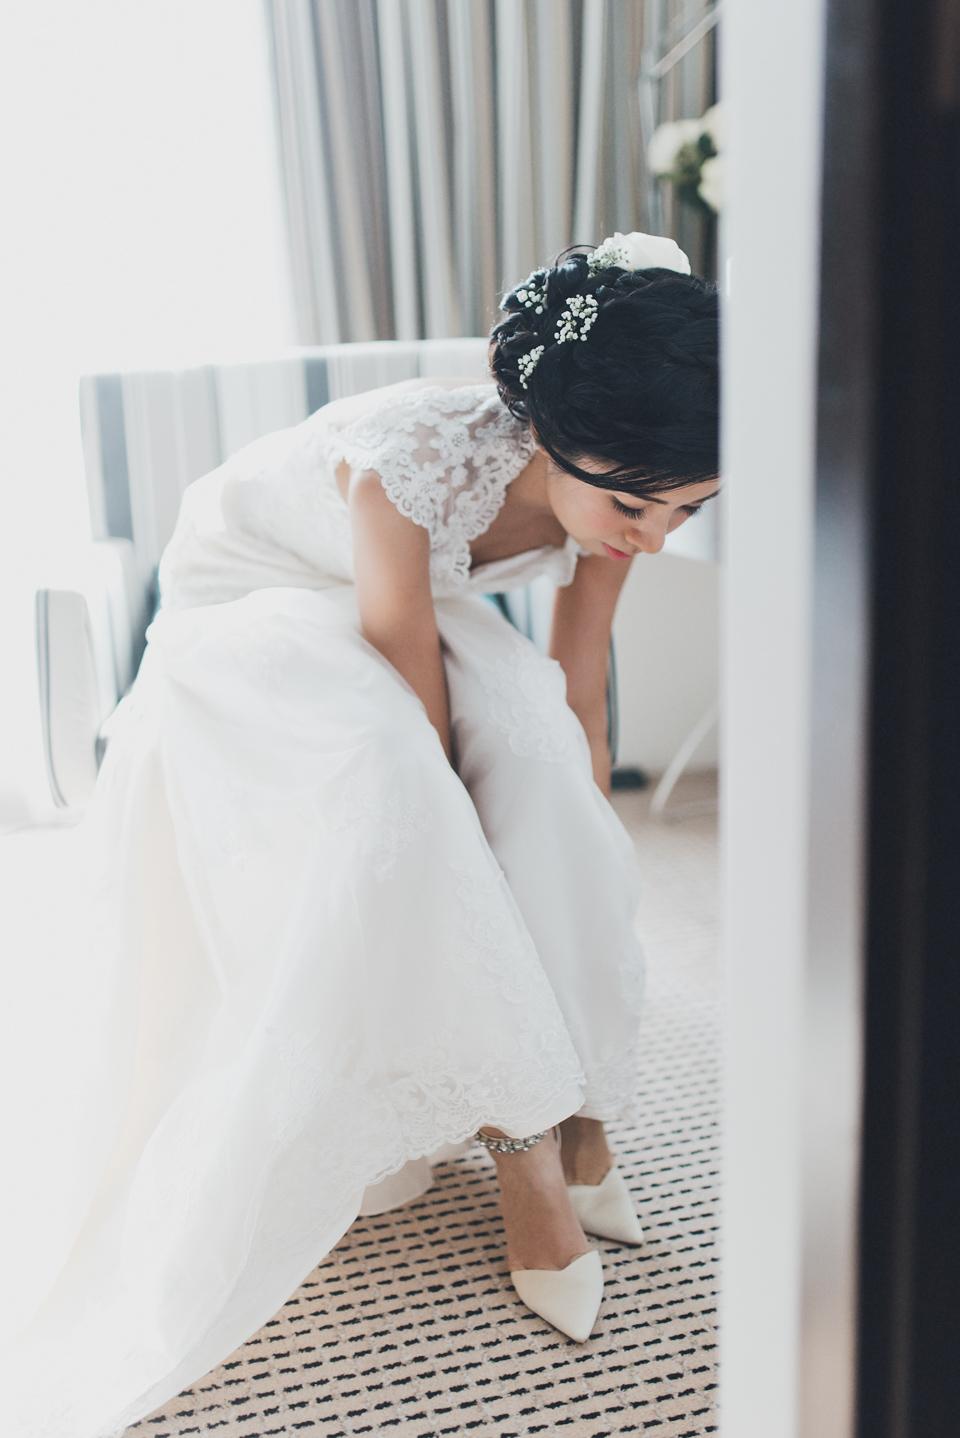 hongkong-wedding-photo-video-44 Kristy & Sam HongKong Wedding Four Saison HKhongkong wedding photo video 44